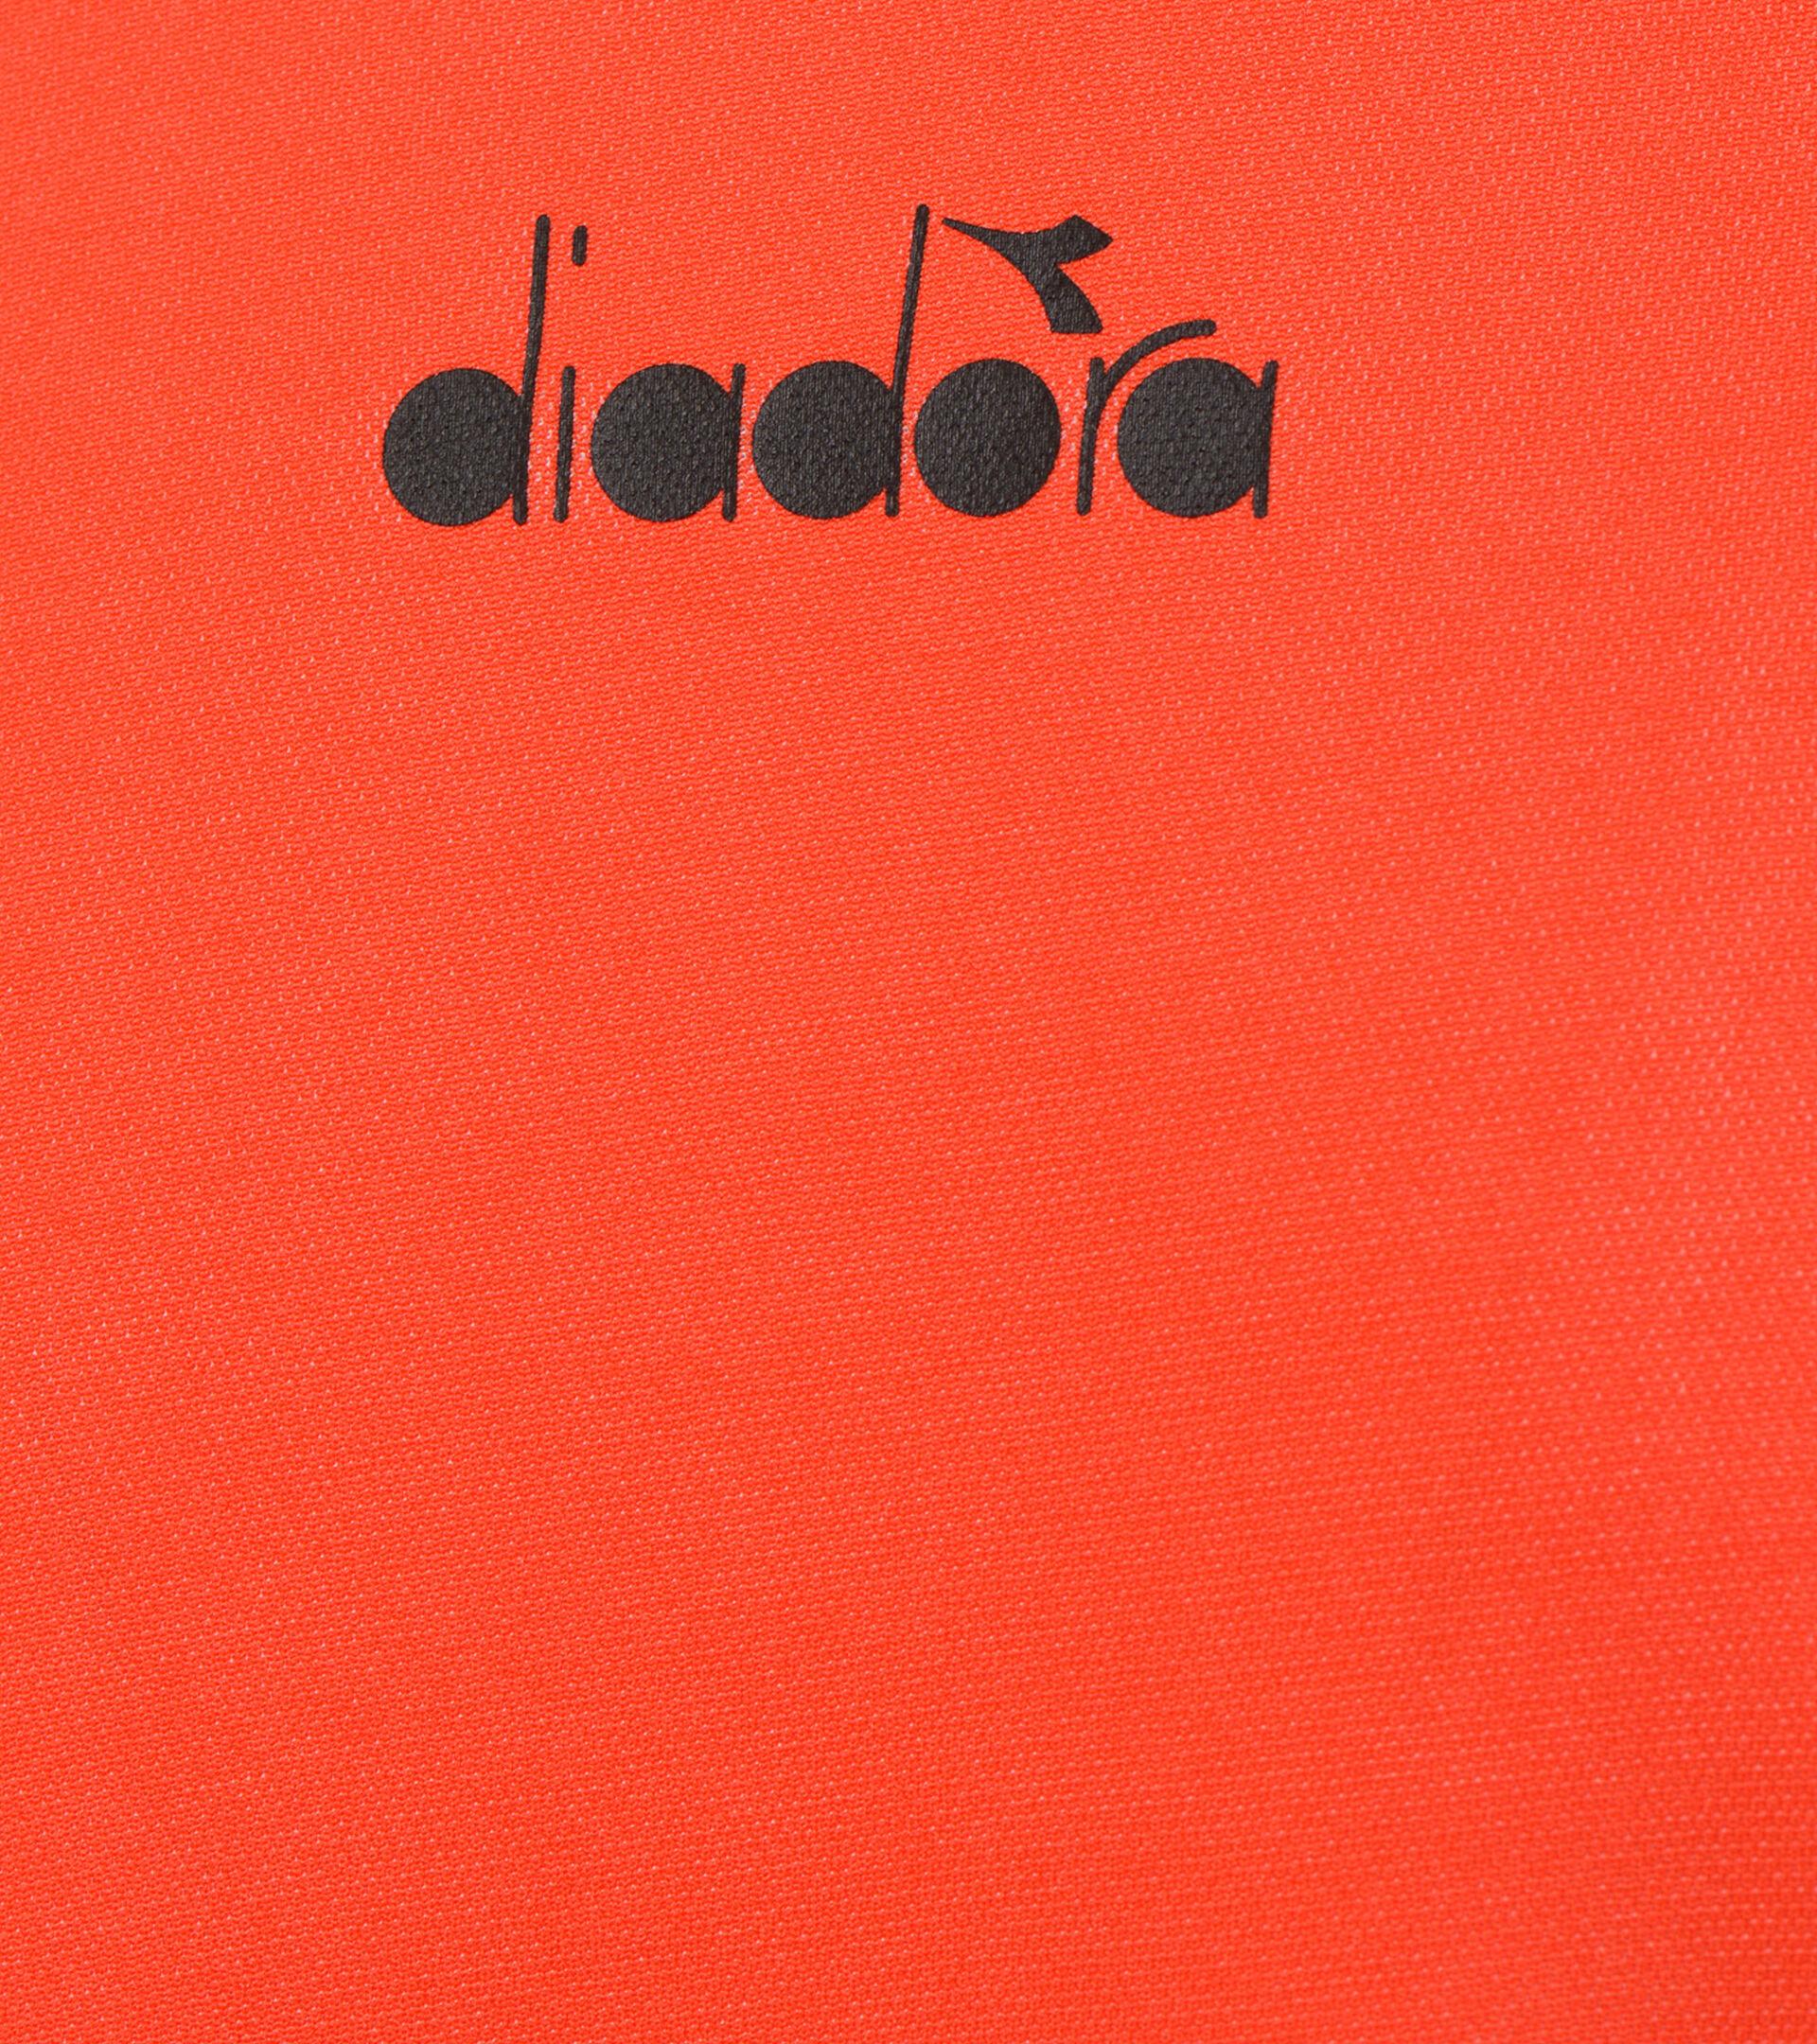 Tennis-T-Shirt - Herren SS T-SHIRT EASY TENNIS FIESTA ROT - Diadora